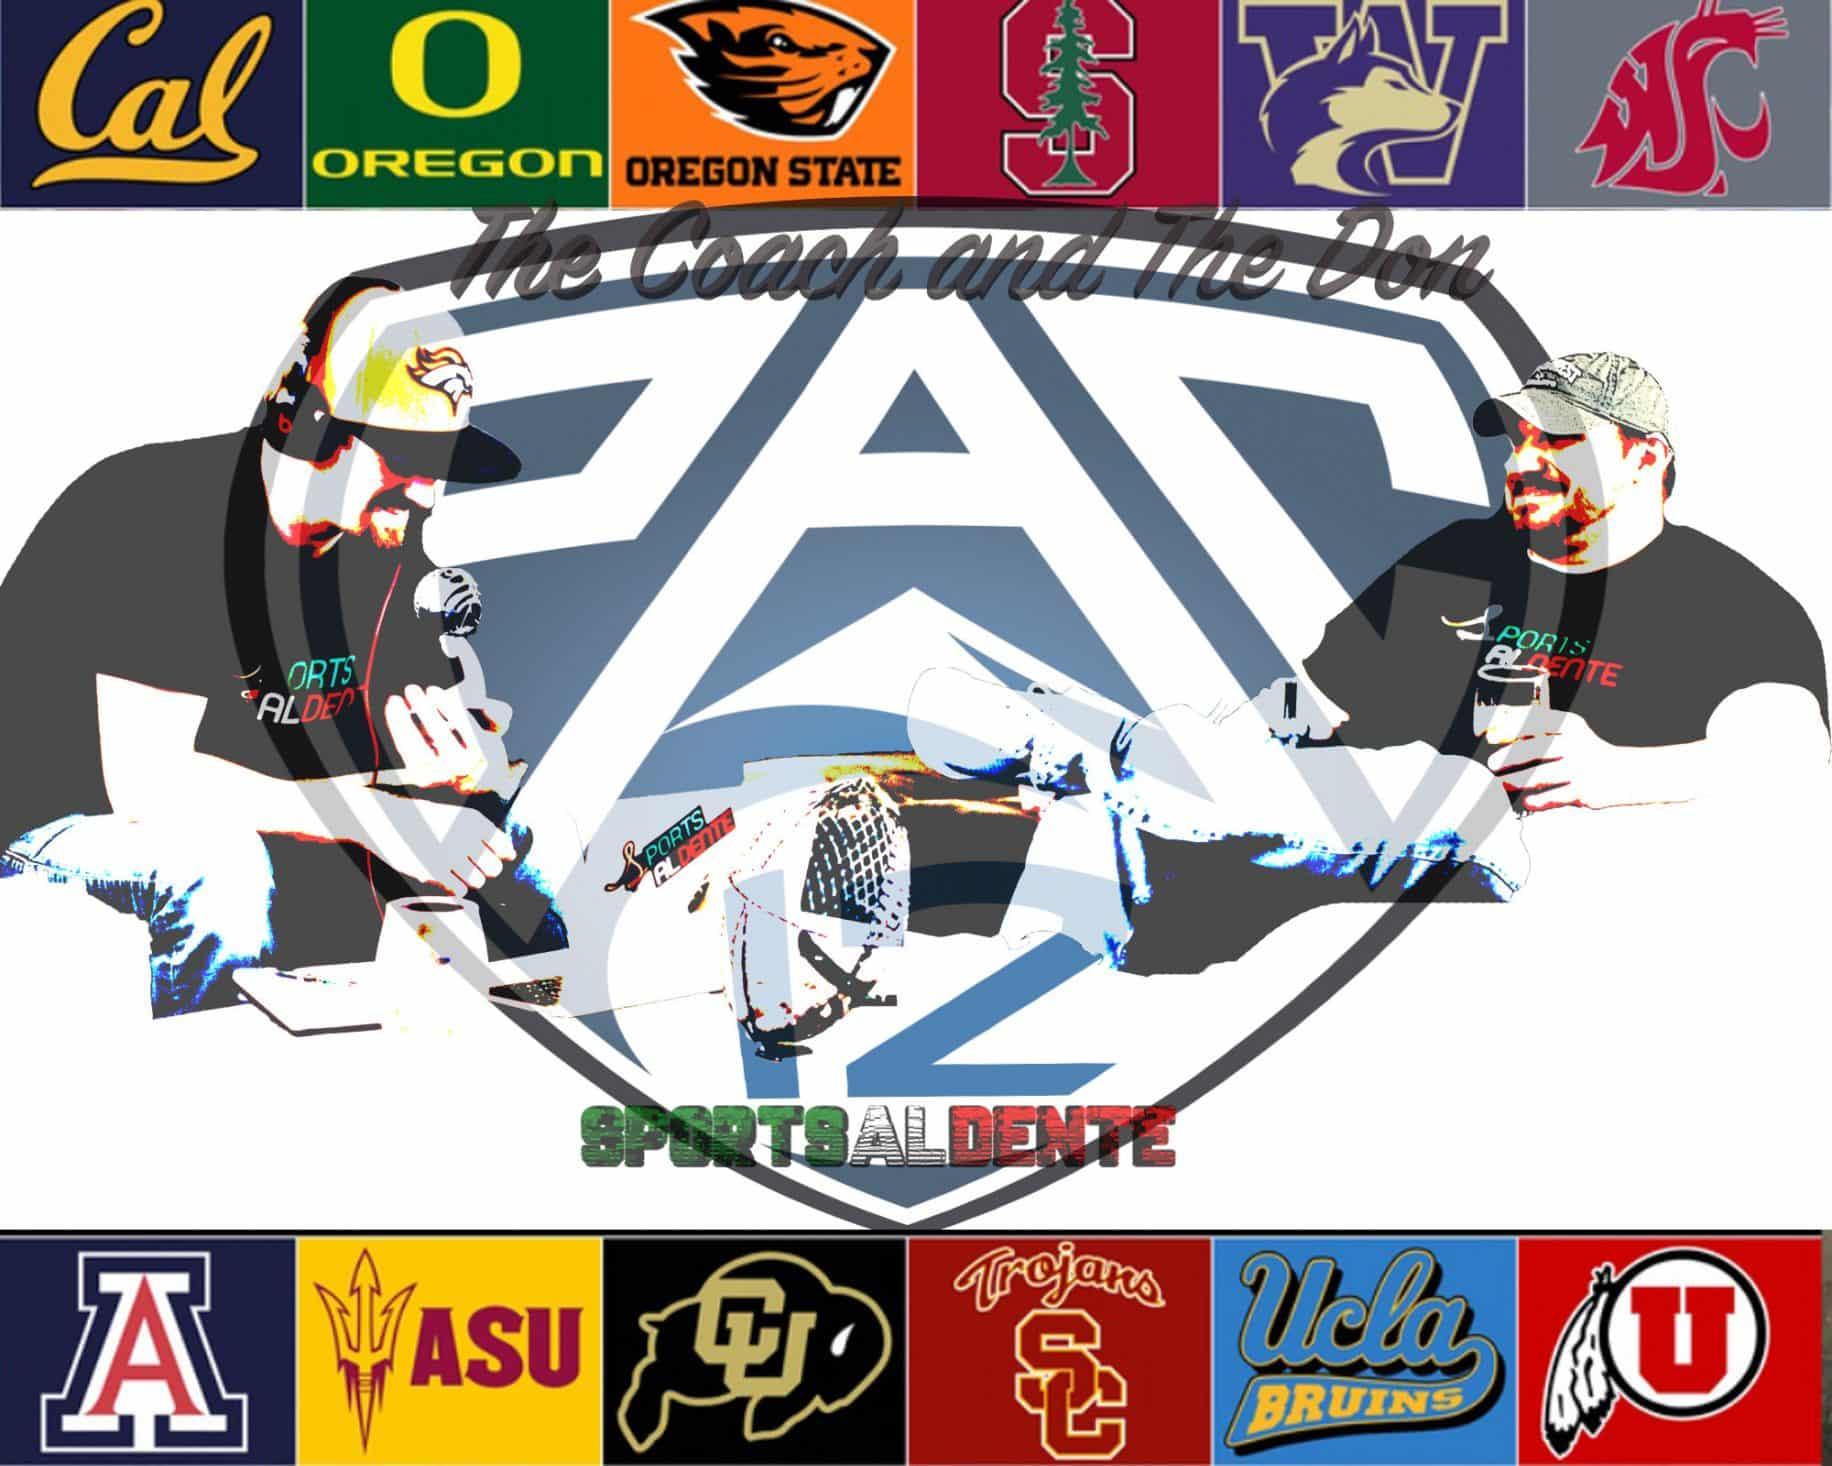 Talon Graff's 2019 NFL Draft West Coast Big Board